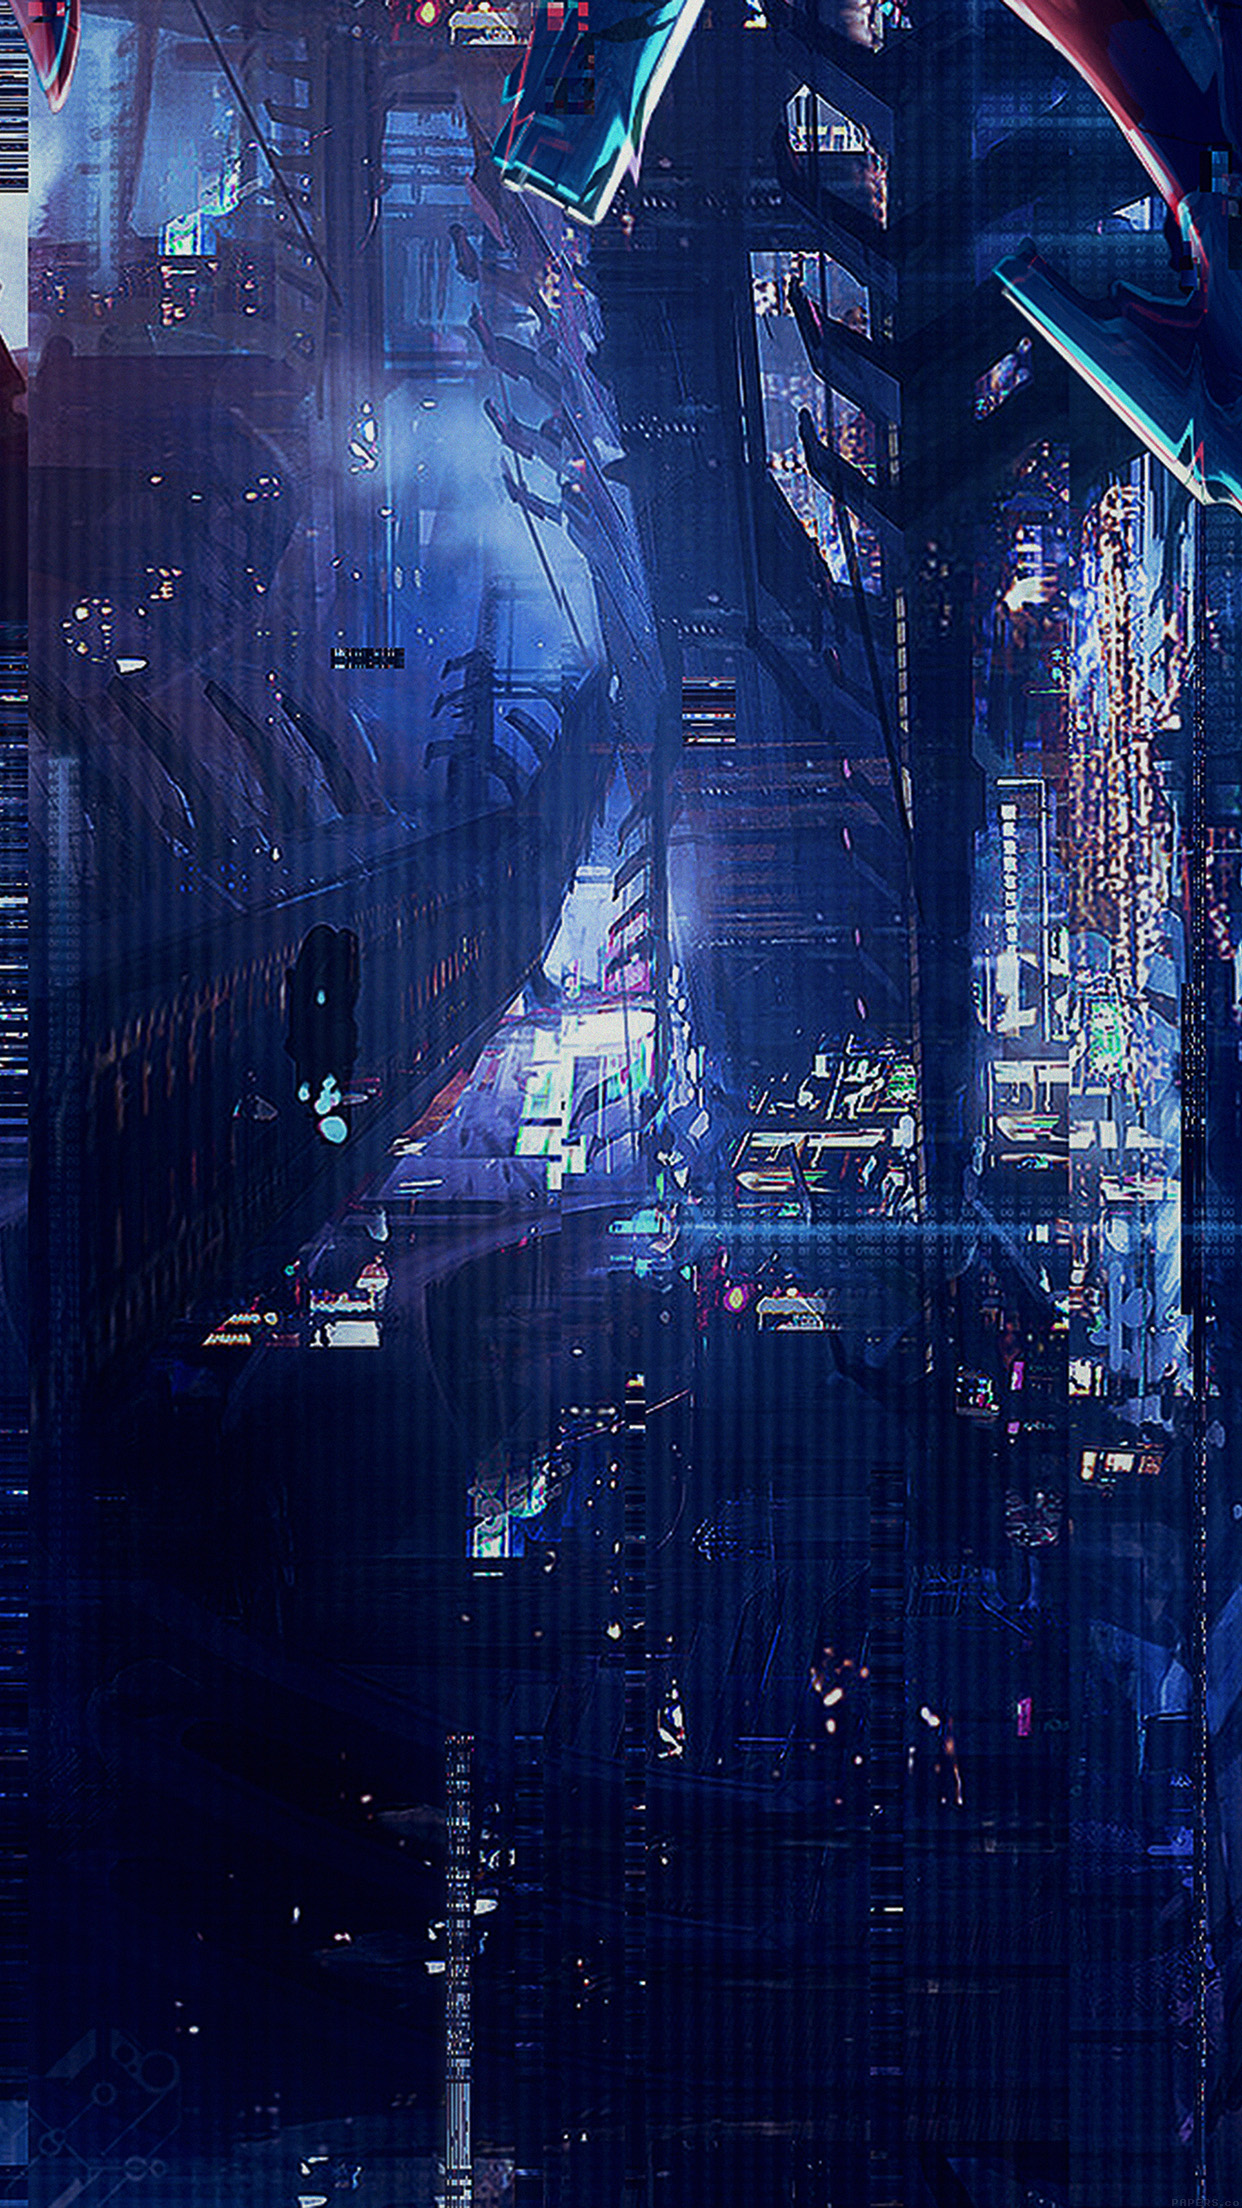 Af77-digital-world-anime-art-illust-urban